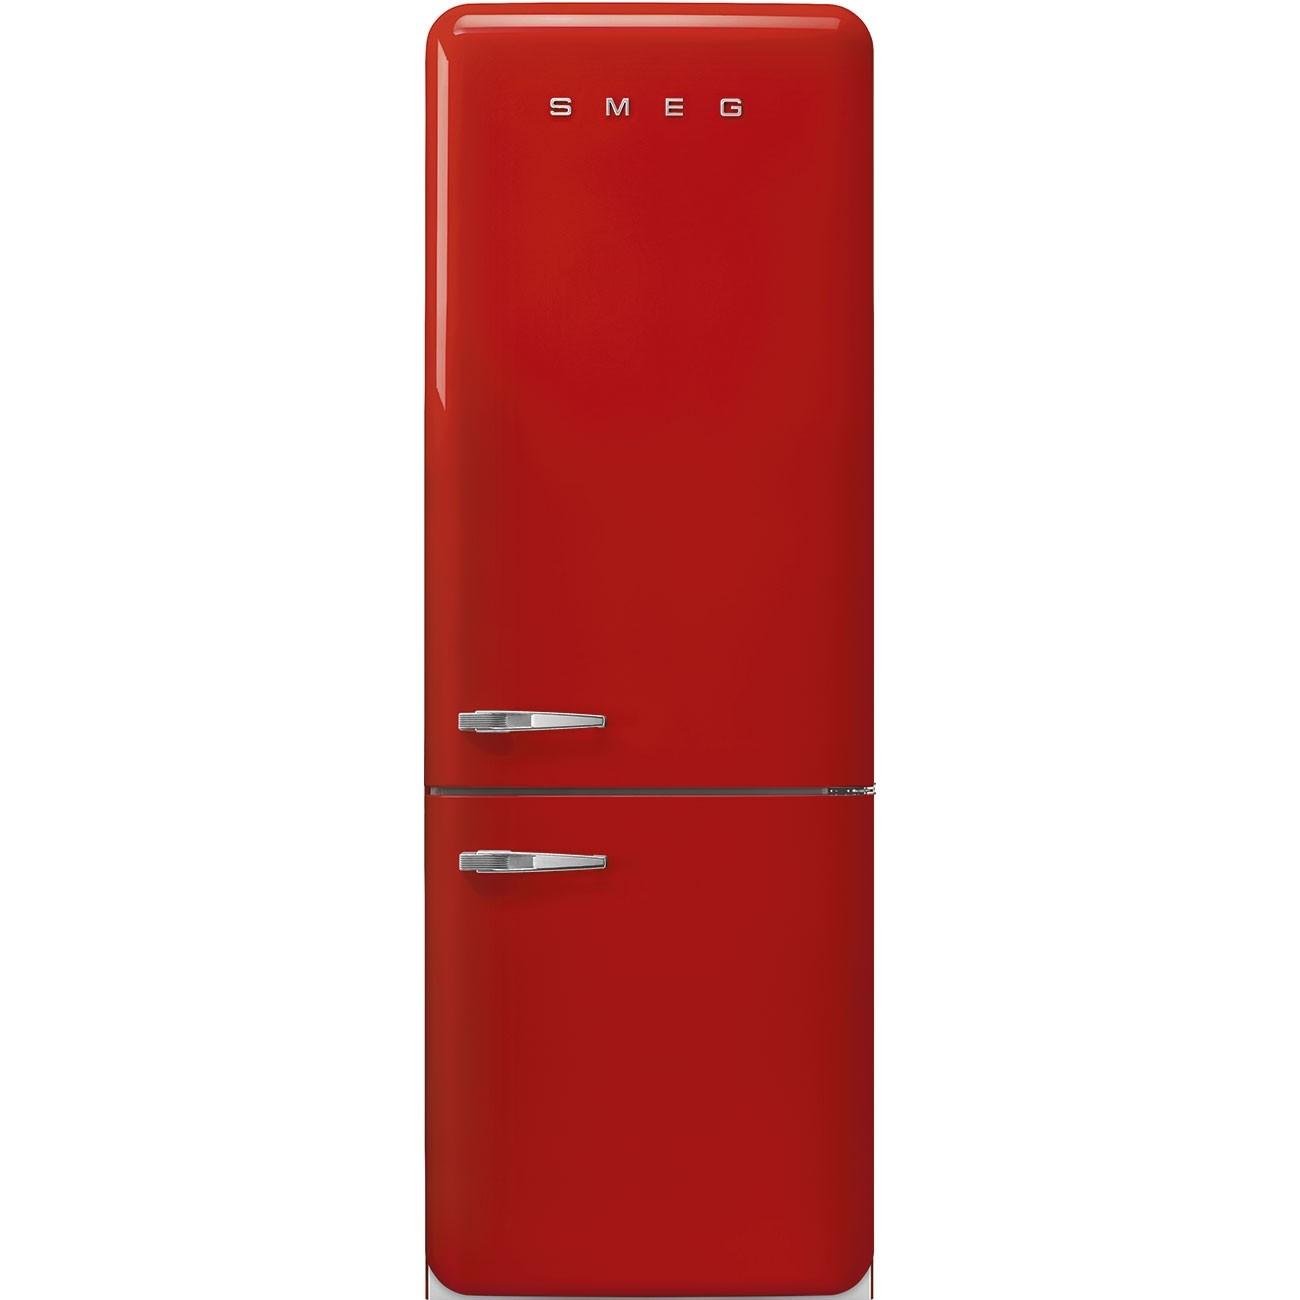 Frigorifero Americano Anni 50 smeg fab38rrd - frigorifero combinato smeg anni '50, rosso ,larghezza 70 cm  , 461 litri, cerniere a destra , a++ , total no frost